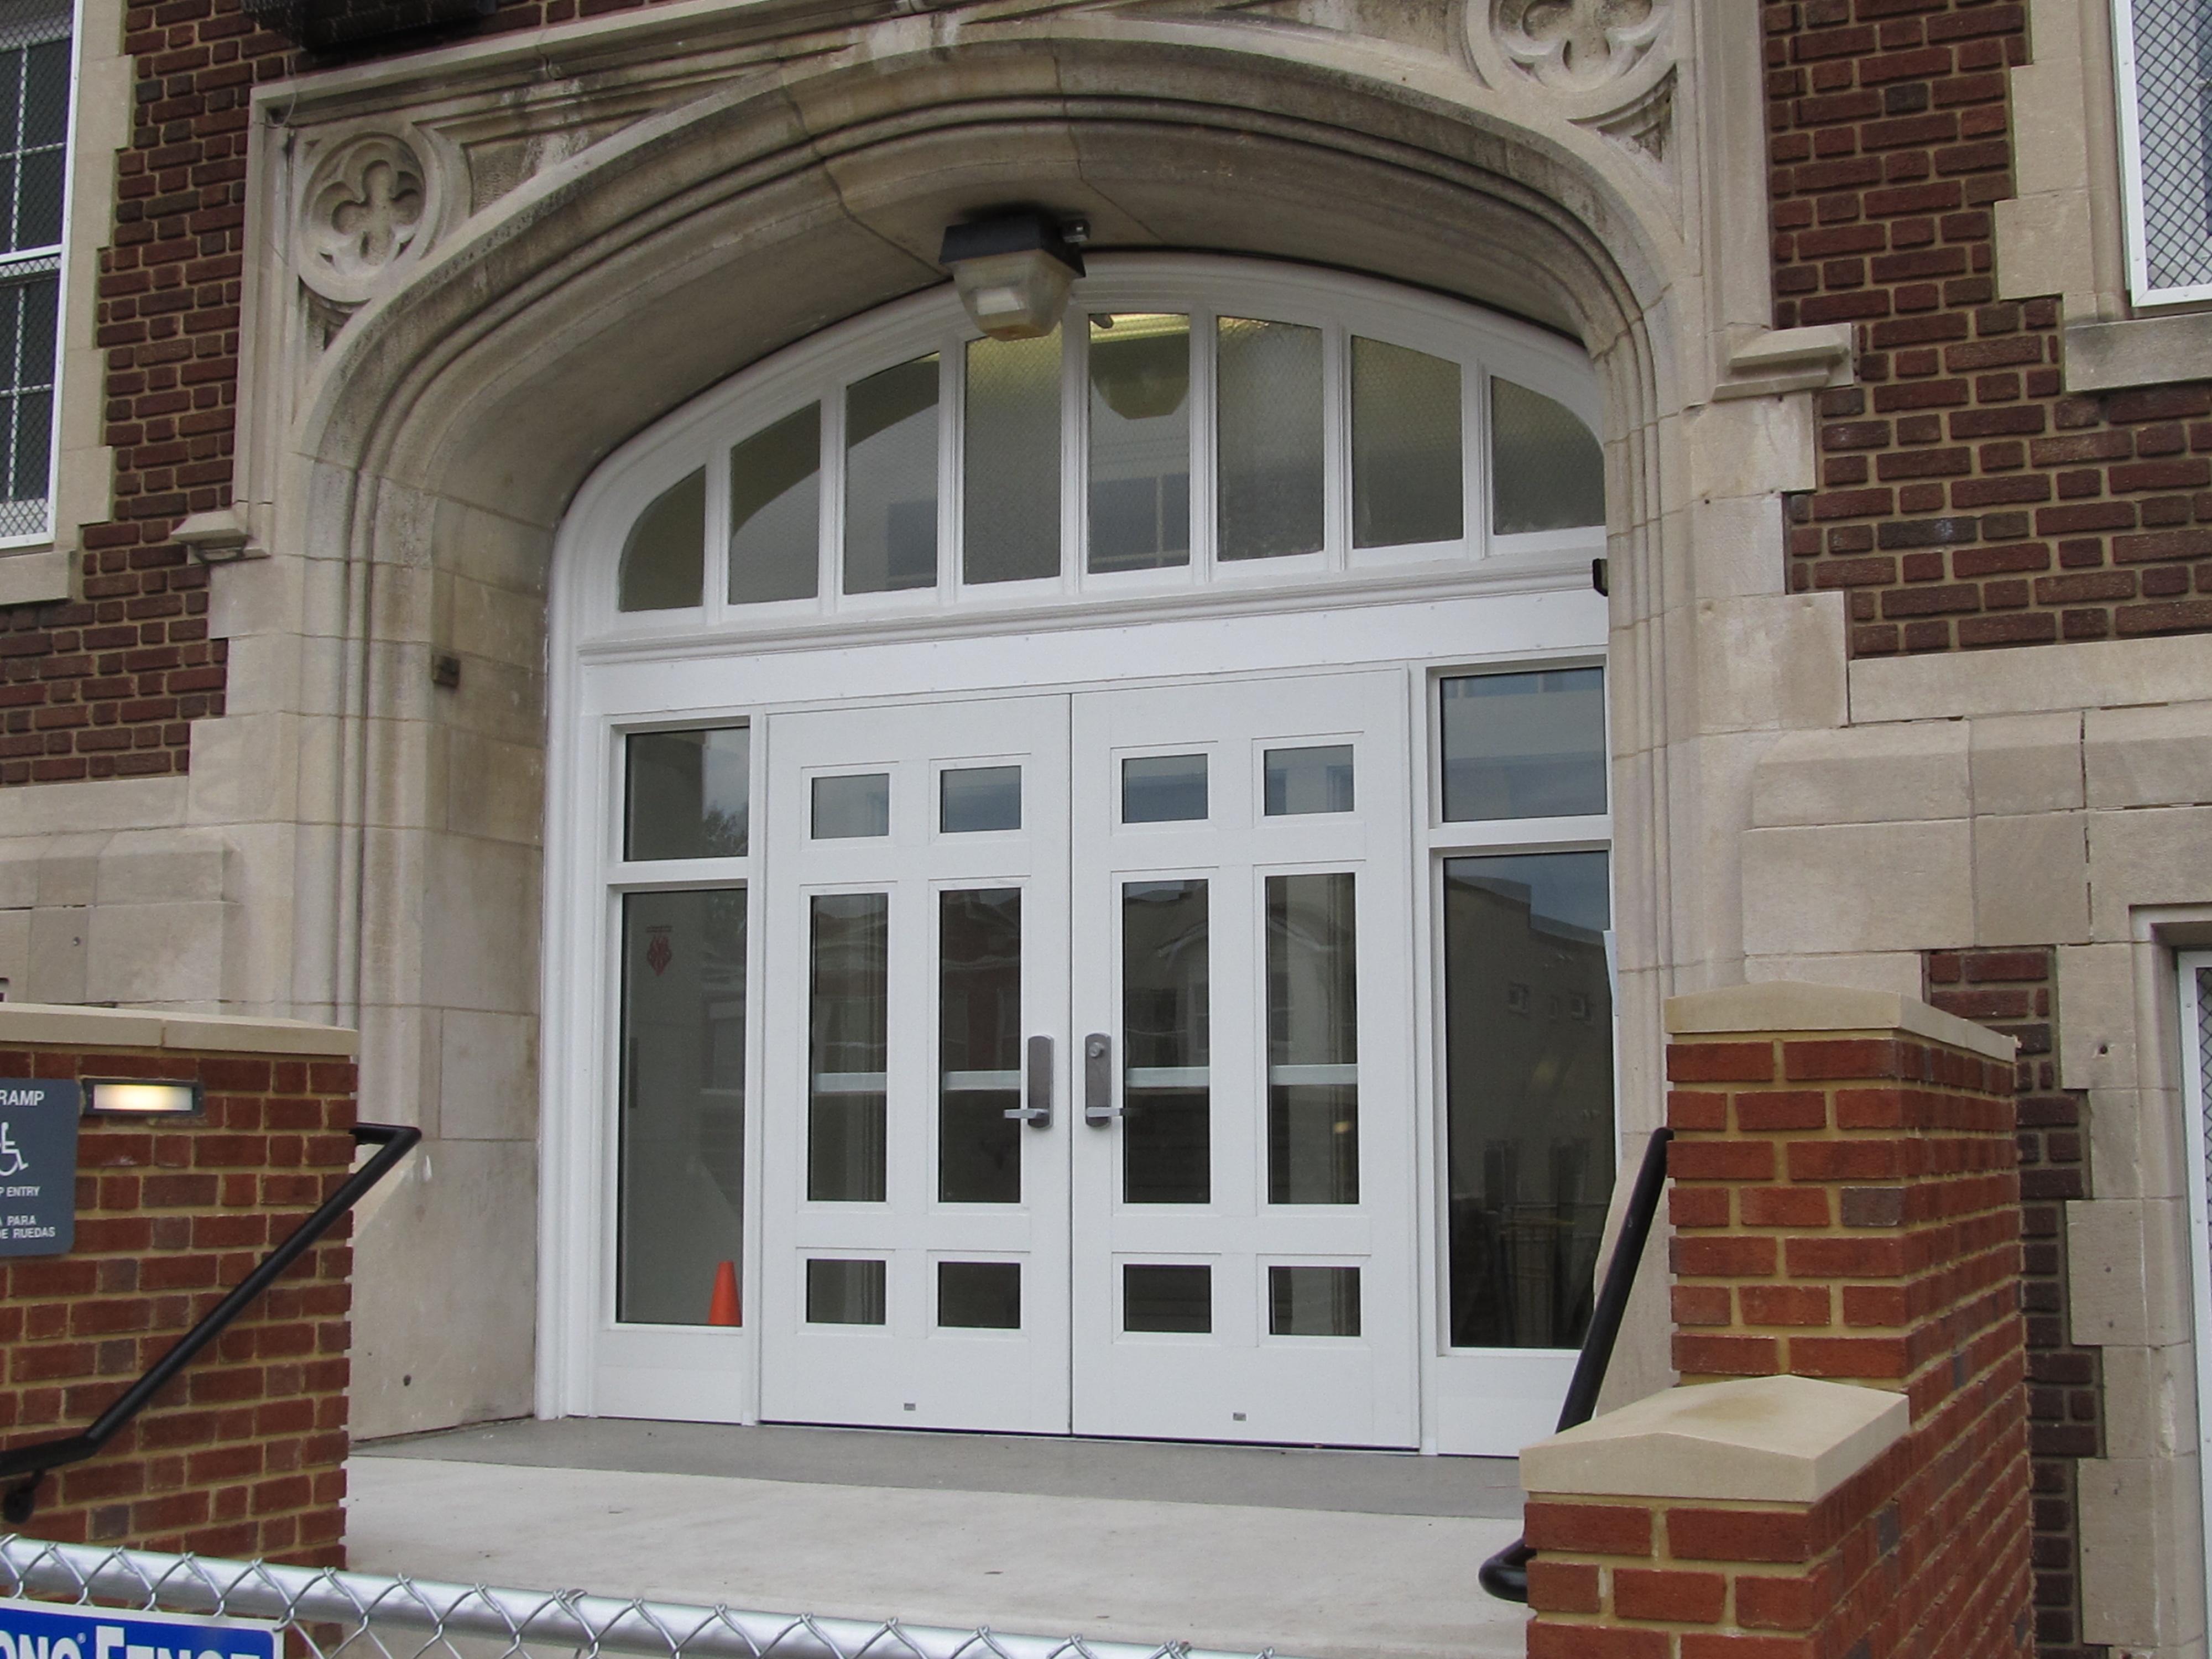 School Entrance Doors : Park view school gets new entry doors d c